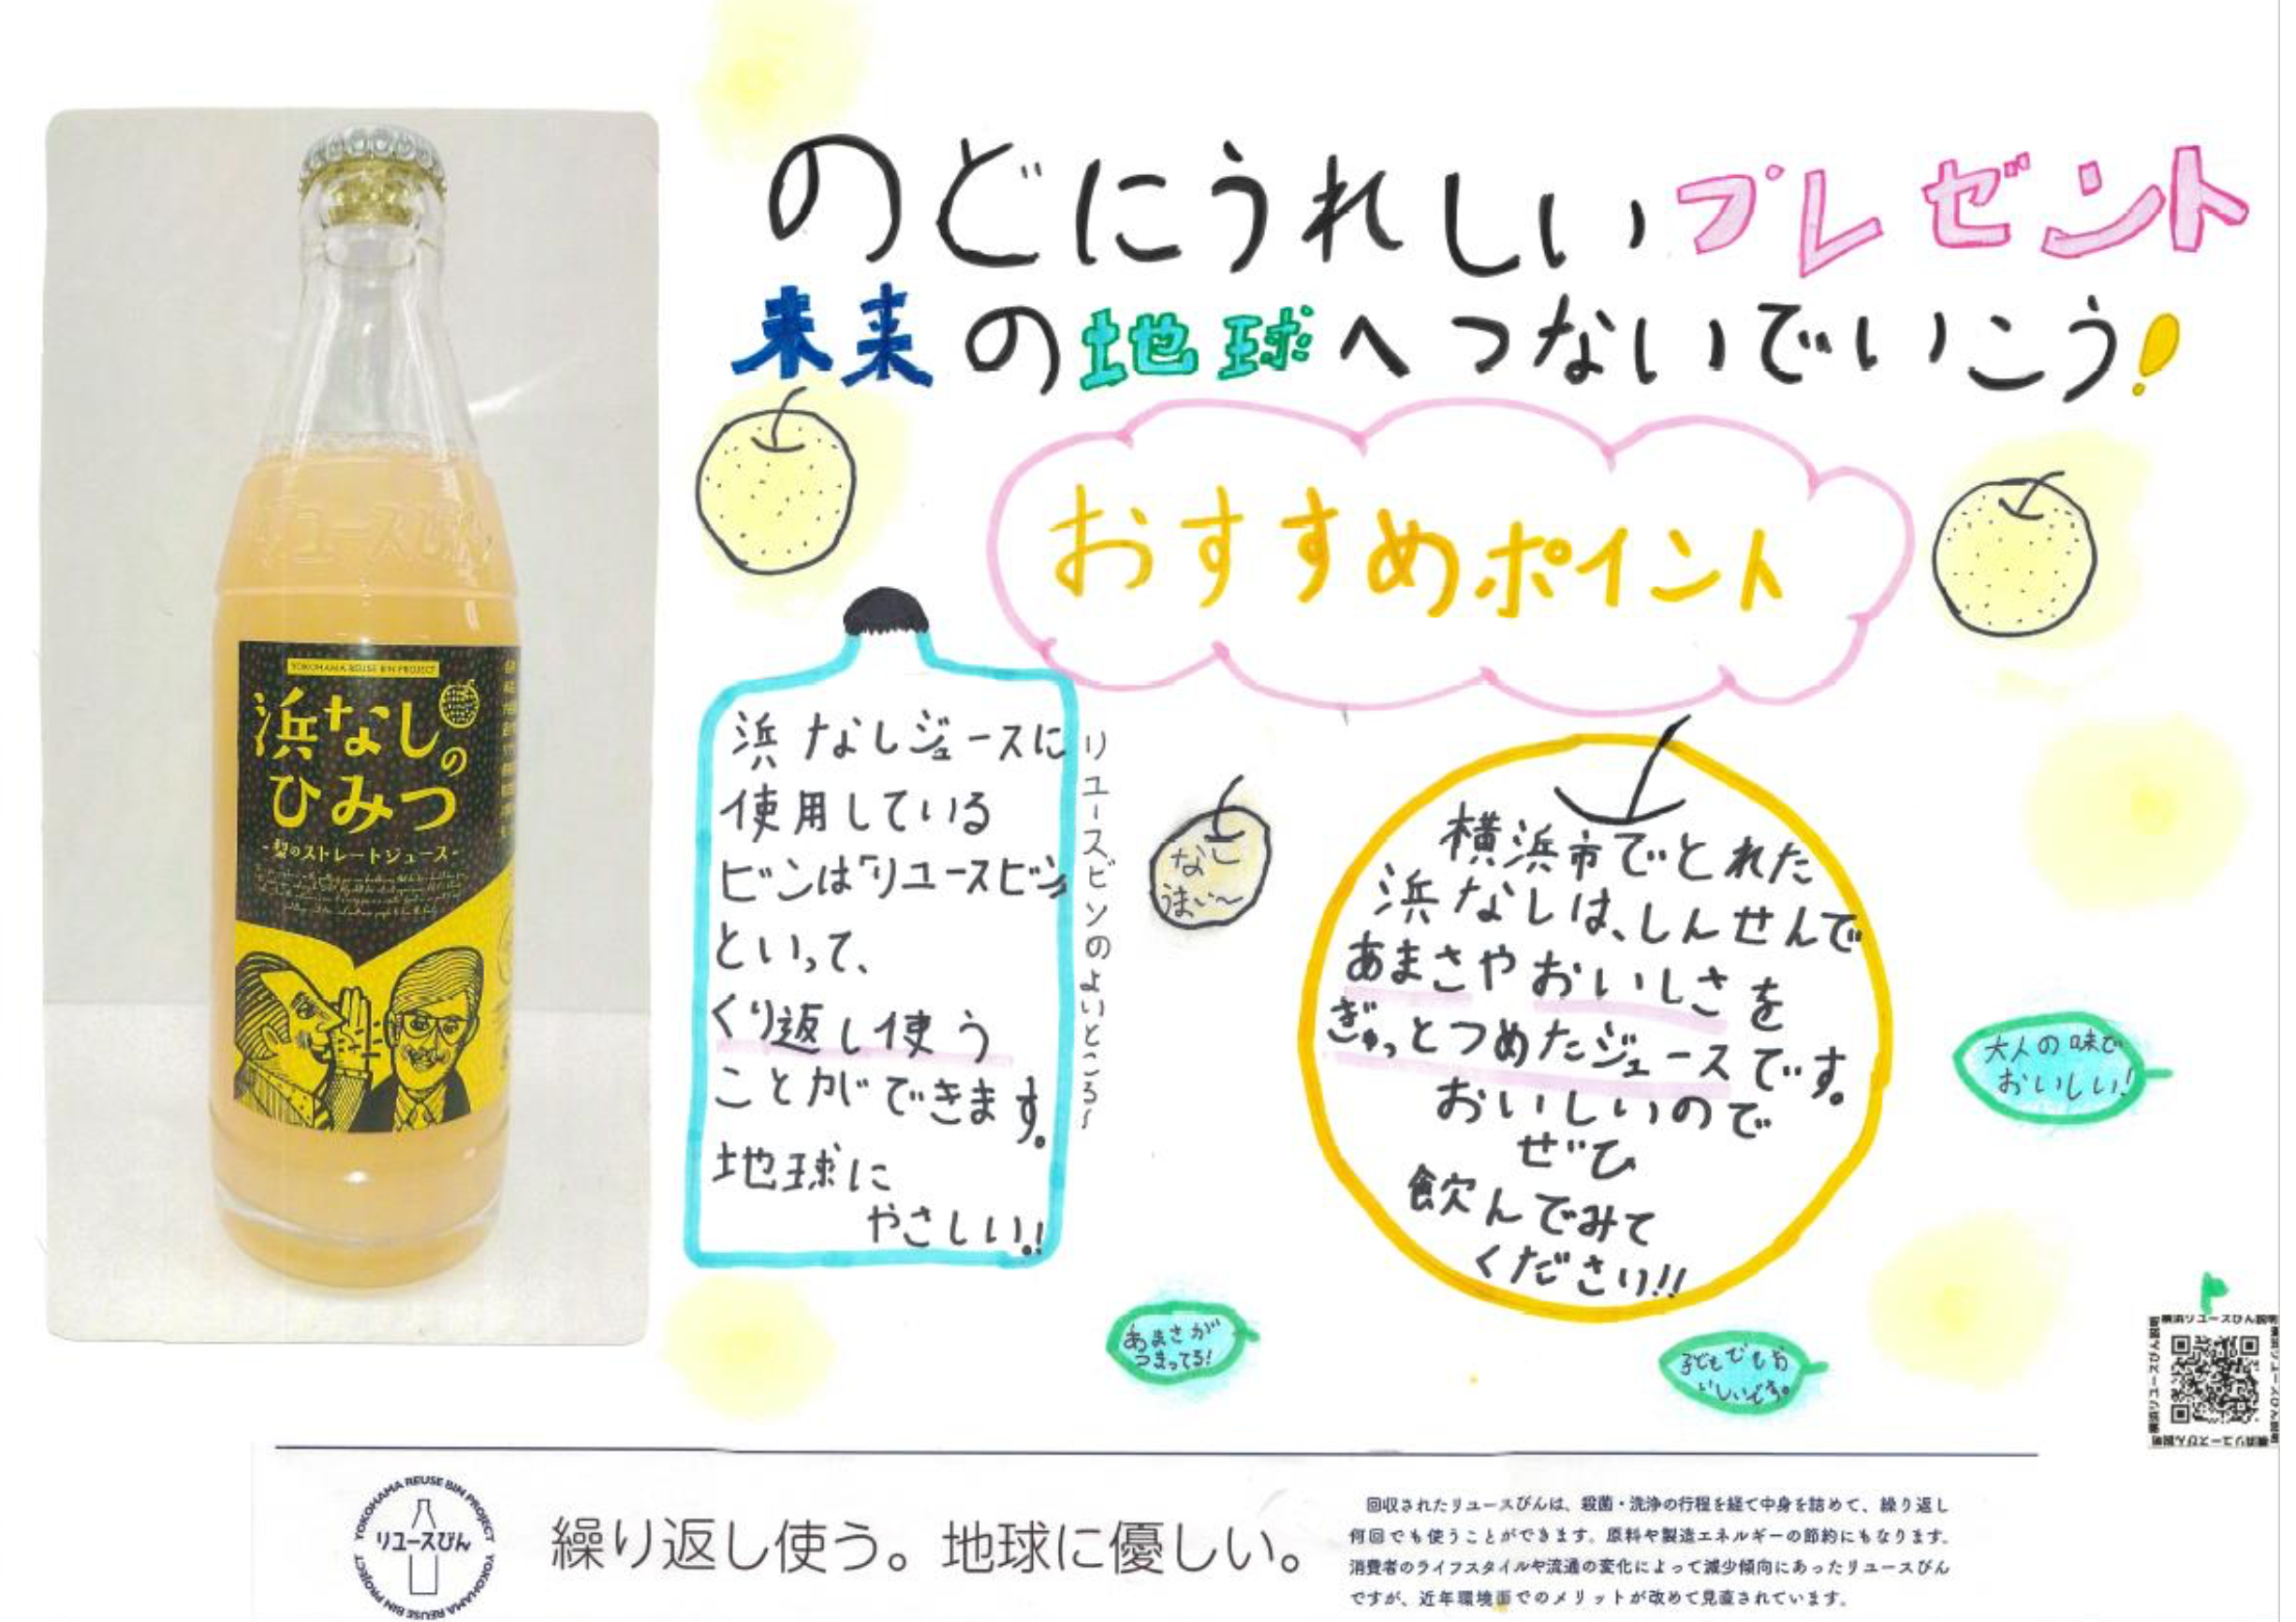 小学生が描いた、オリジナル飲料とリユースびんのポスター